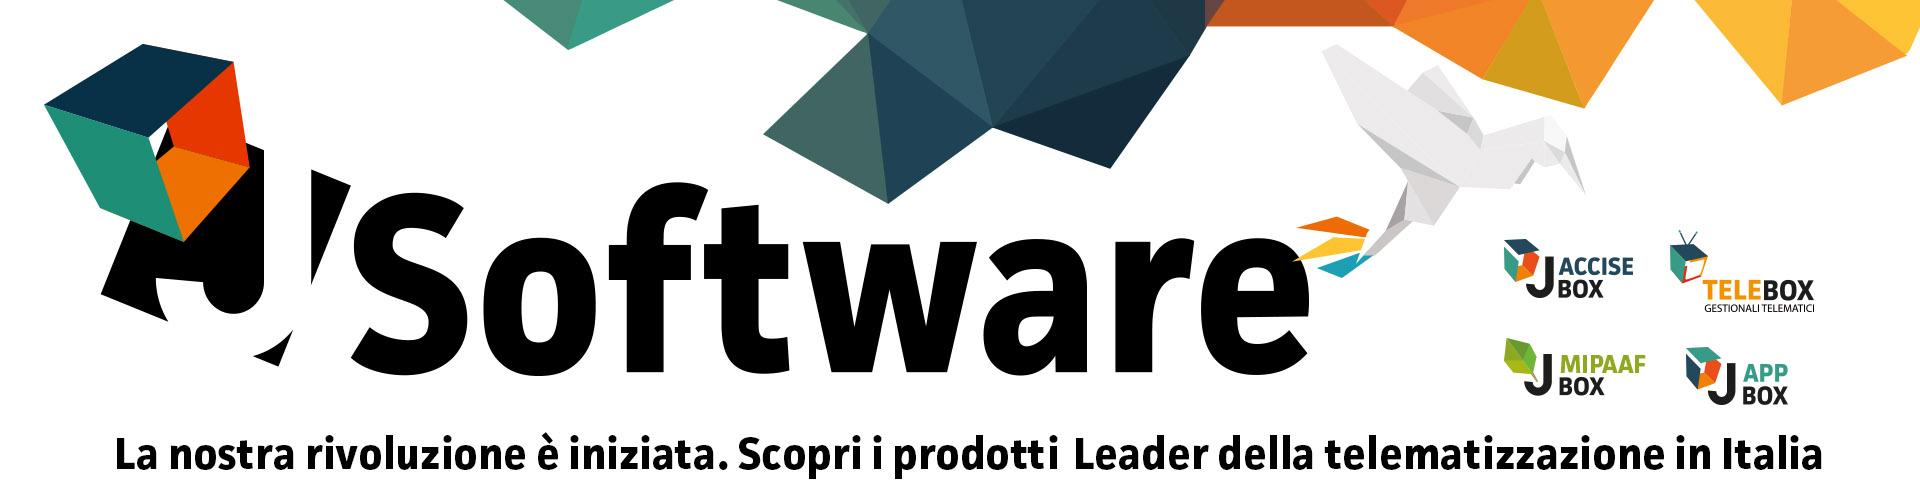 banner J_software_2